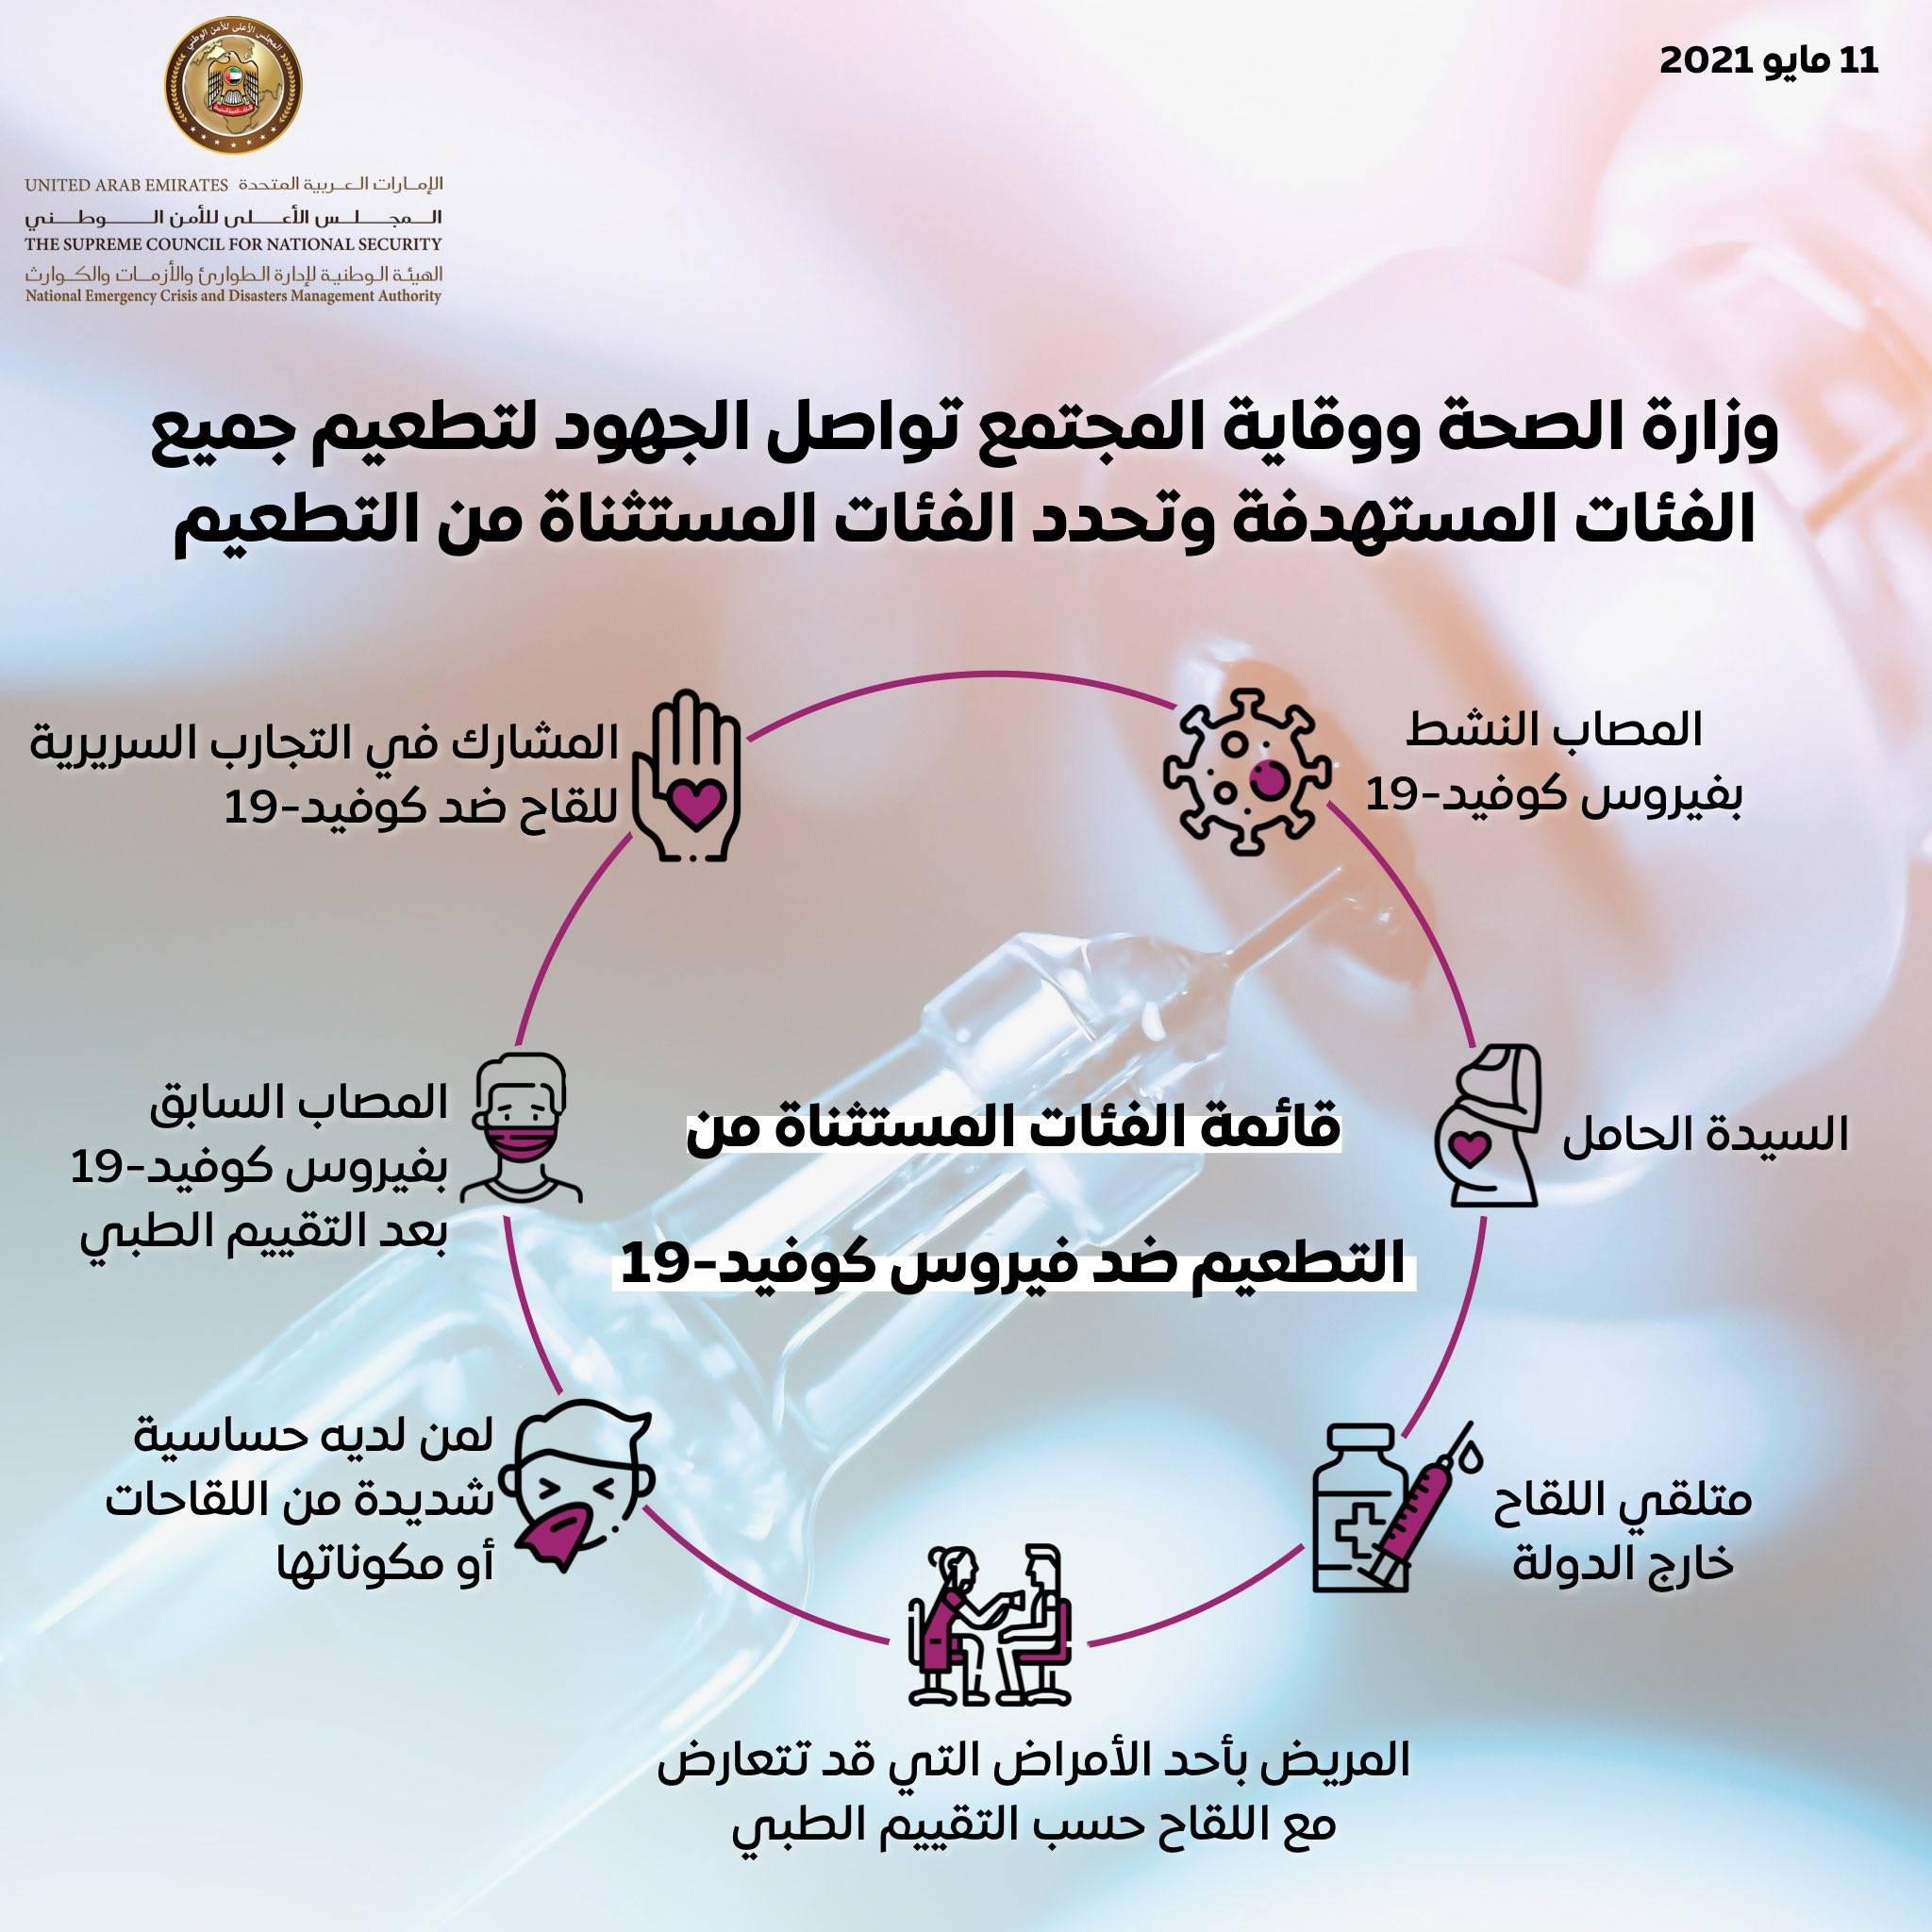 الفئات المستثناة من تطعيم كورونا في الكويت